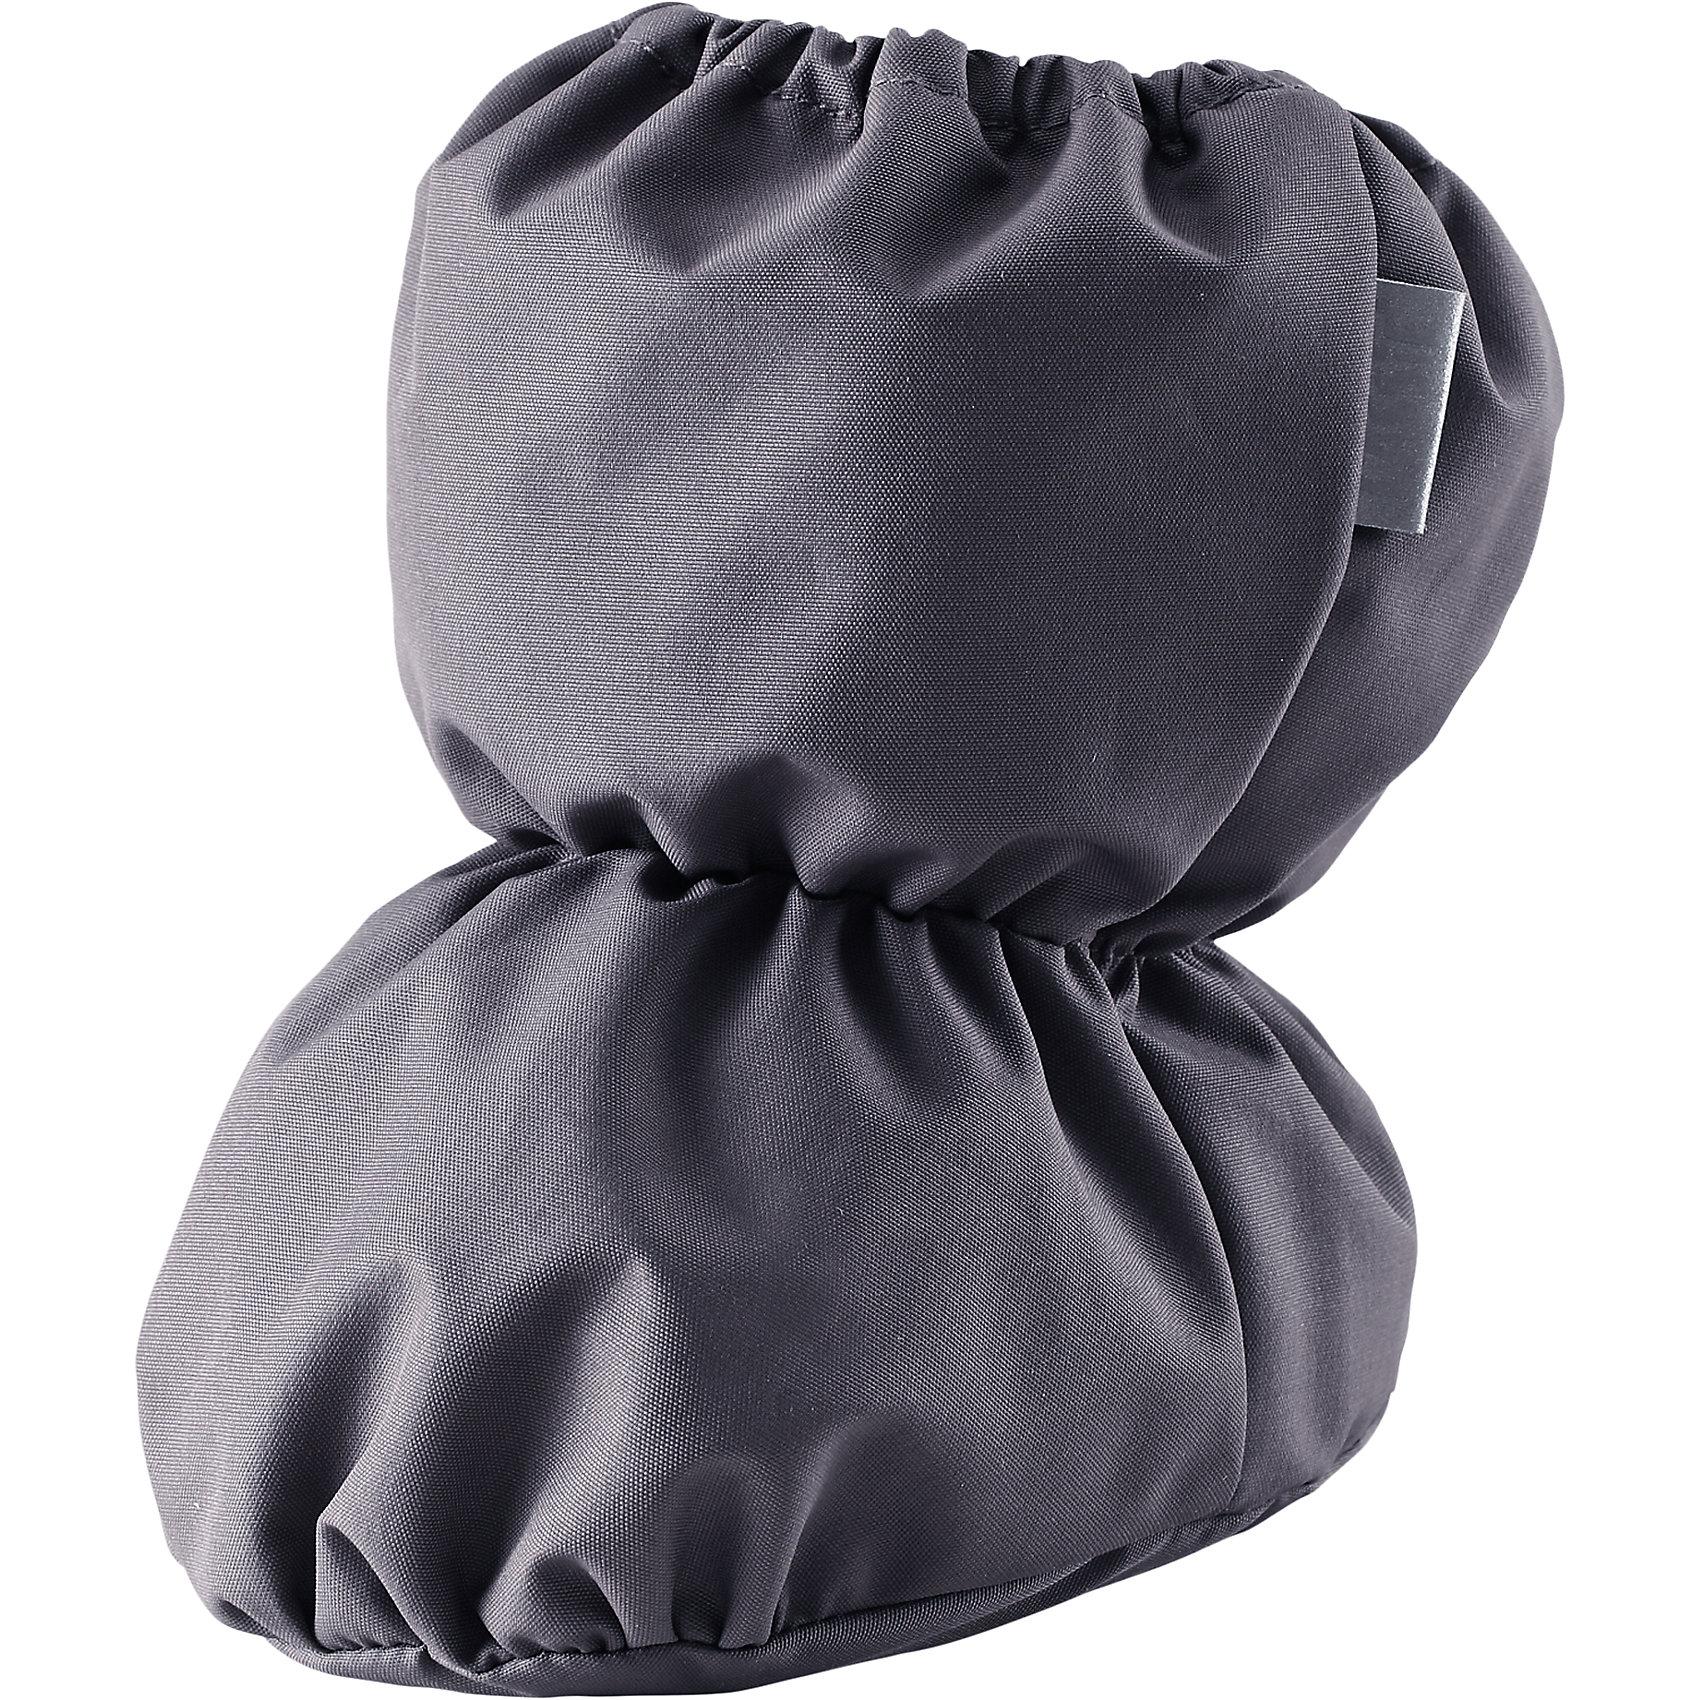 Пинетки для мальчика LASSIEОбувь для малышей<br>Пинетки для самых маленьких известной финской марки.<br><br>- Водоотталкивающий, ветронепроницаемый и грязеотталкивающий материал.<br><br>- Мягкая теплая подкладка из флиса. <br>- Легкая степень утепления. <br>- Светоотражающая эмблема Lassie®. <br><br>Рекомендации по уходу: Полоскать без специального средства. Сушить при низкой температуре. <br><br>Состав: 100% Полиамид, полиуретановое покрытие.  Утеплитель «Lassie wadding» 140гр.<br><br>Ширина мм: 162<br>Глубина мм: 171<br>Высота мм: 55<br>Вес г: 119<br>Цвет: серый<br>Возраст от месяцев: 0<br>Возраст до месяцев: 6<br>Пол: Унисекс<br>Возраст: Детский<br>Размер: 0<br>SKU: 4780946